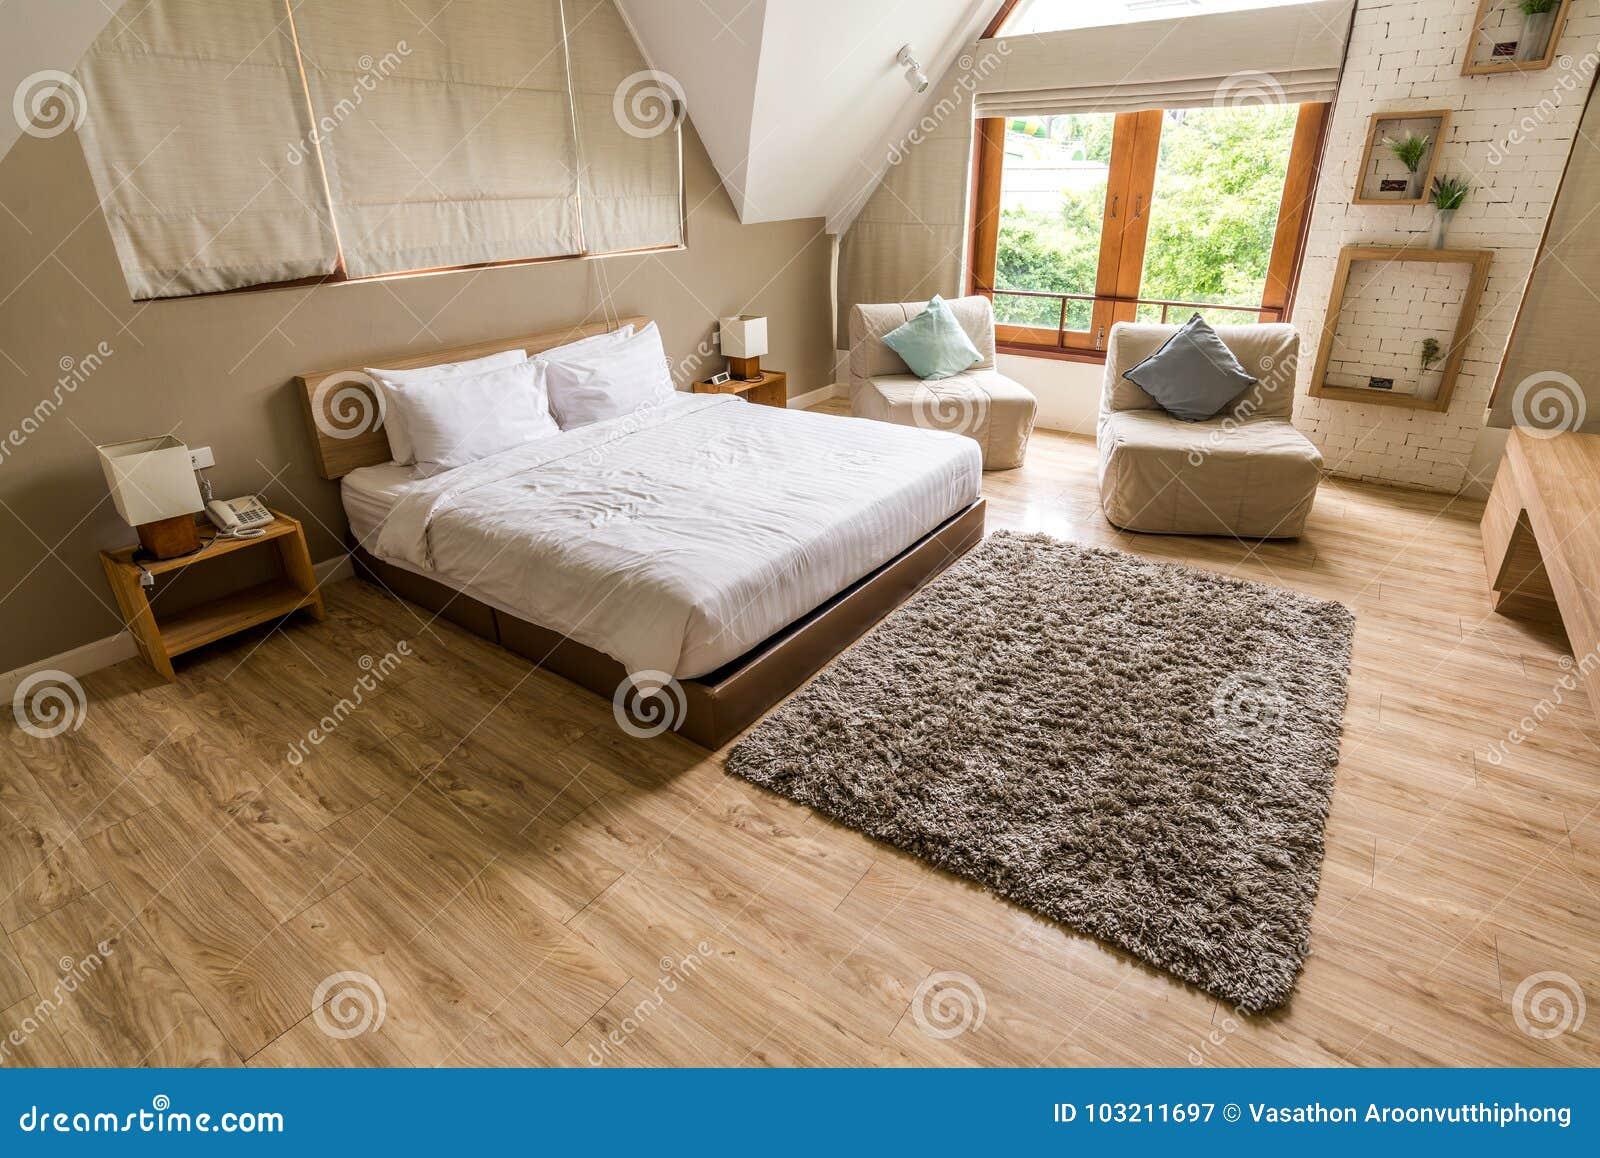 Dormitorio blanco moderno en el piso de madera imagen de - Dormitorios en blanco y madera ...